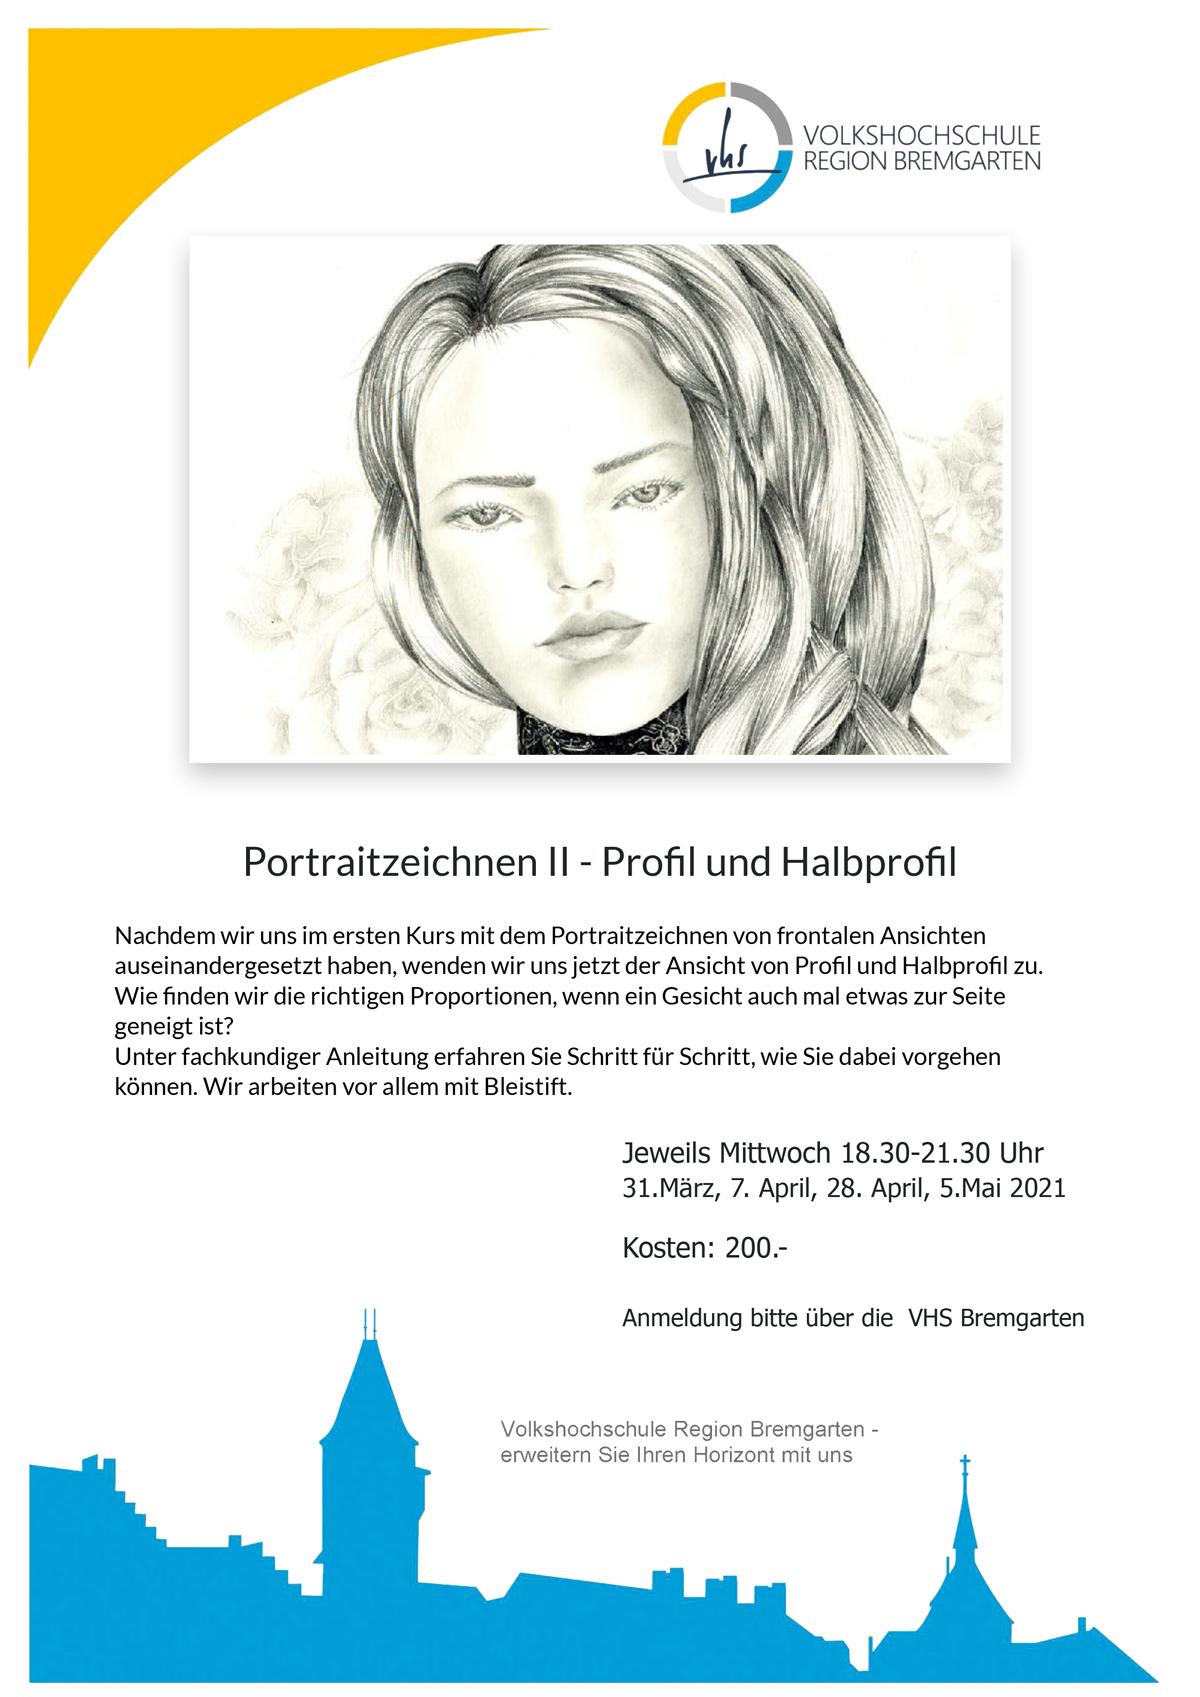 Kur Porträt Zeichnen in Bremgarten VHS Volkshochschule Bremgarten Leitung Susanne Brem